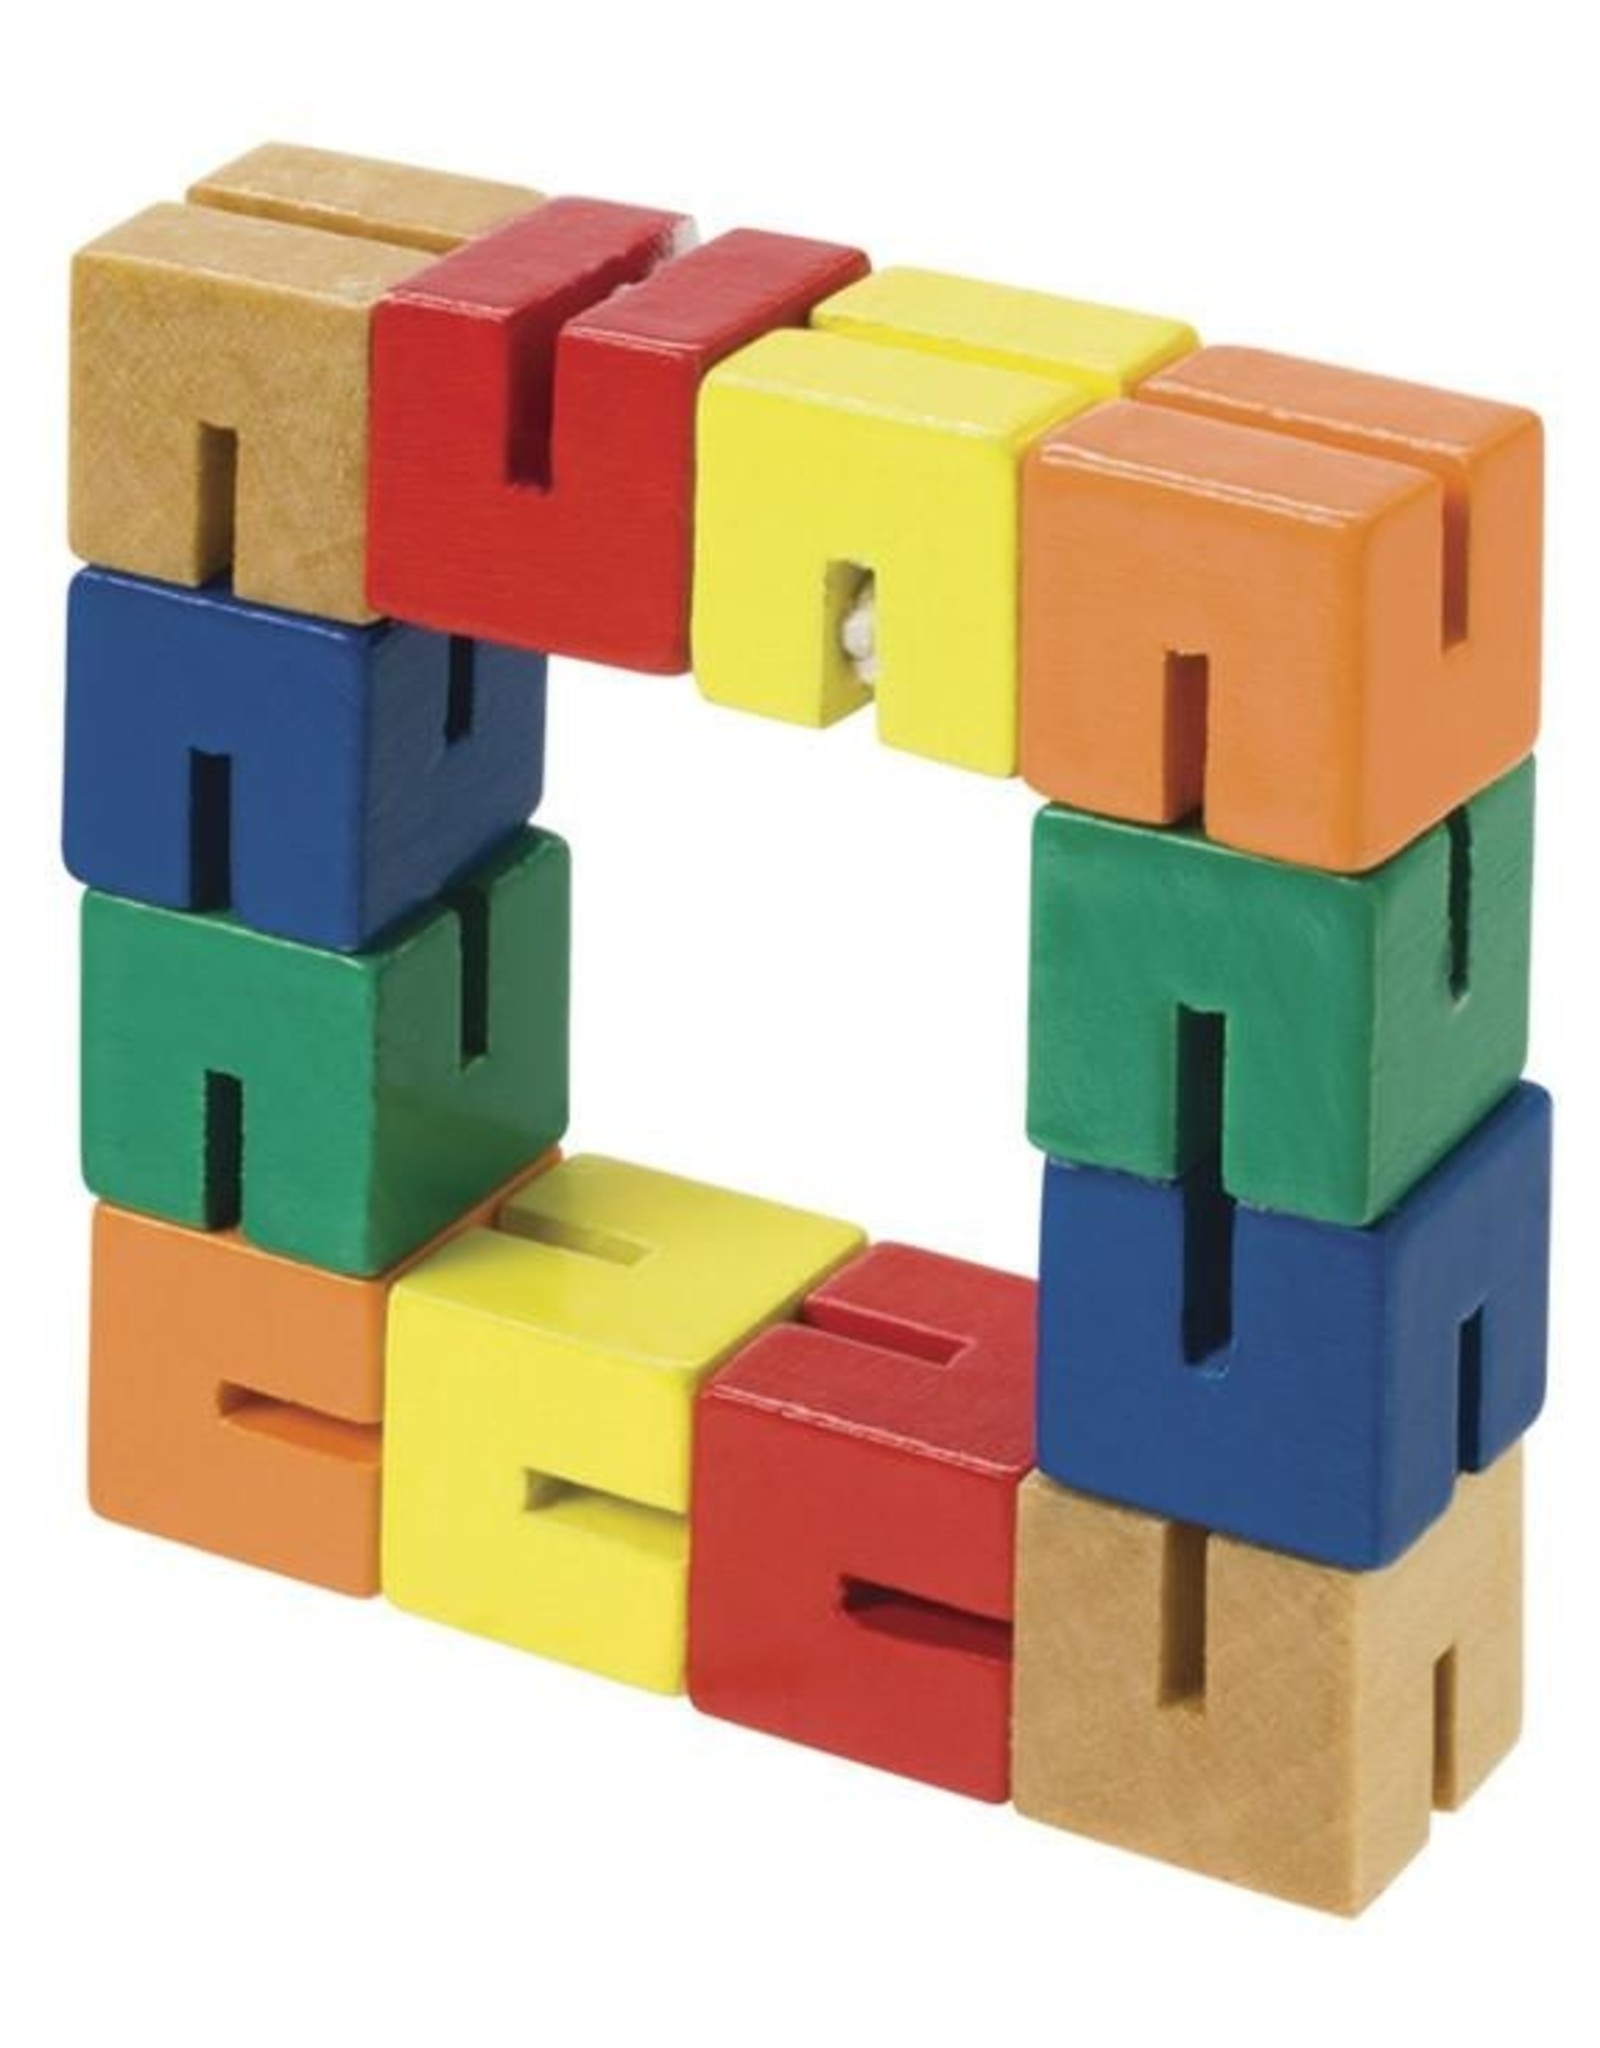 Wooden Fidget Puzzle